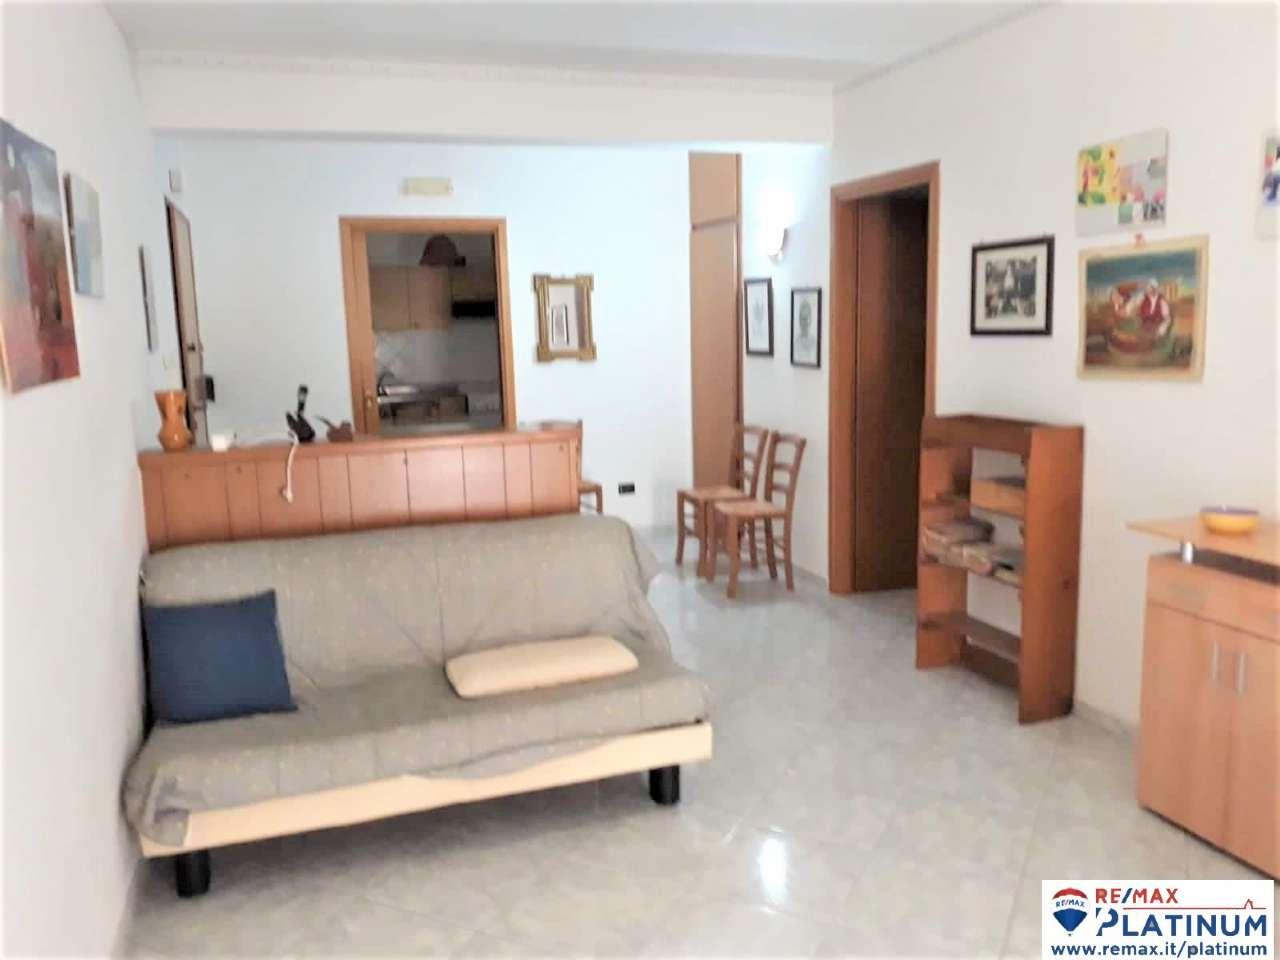 Appartamento in vendita a Mazara del Vallo, 4 locali, prezzo € 70.000 | PortaleAgenzieImmobiliari.it